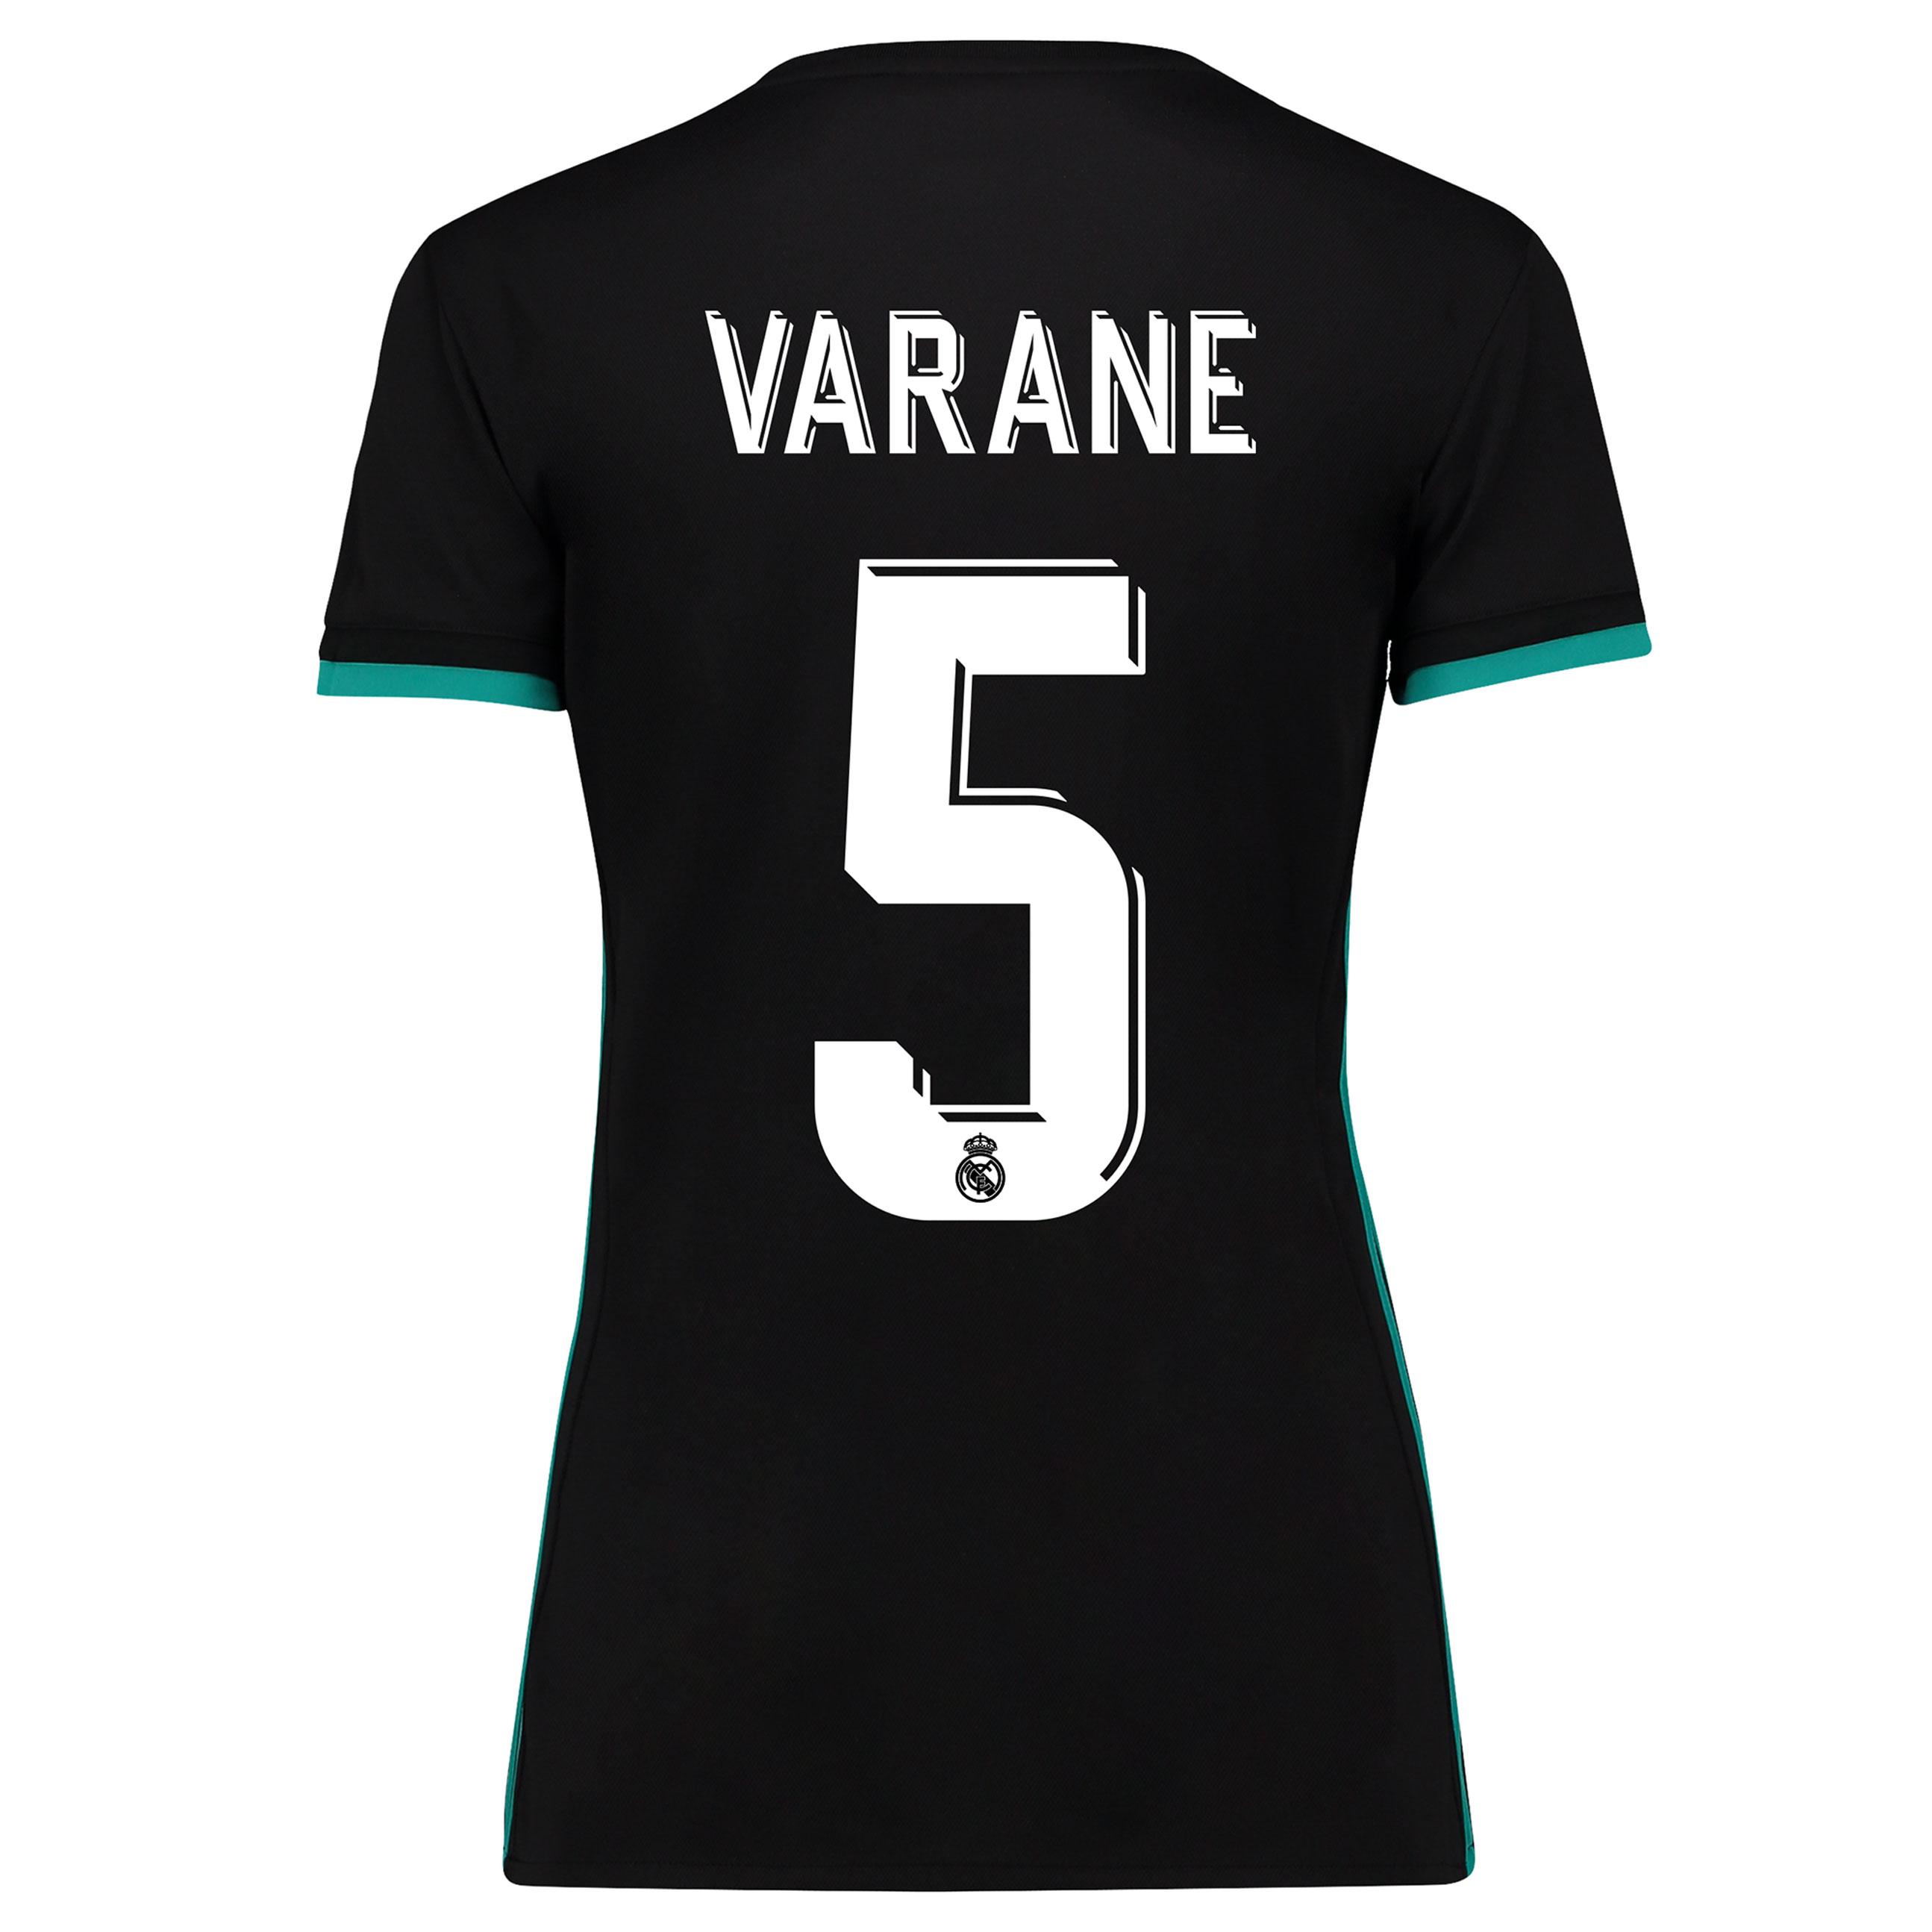 Camiseta de Varane 5 de mujer en manga corta - 2ª equipación del Real Madrid 2017/18